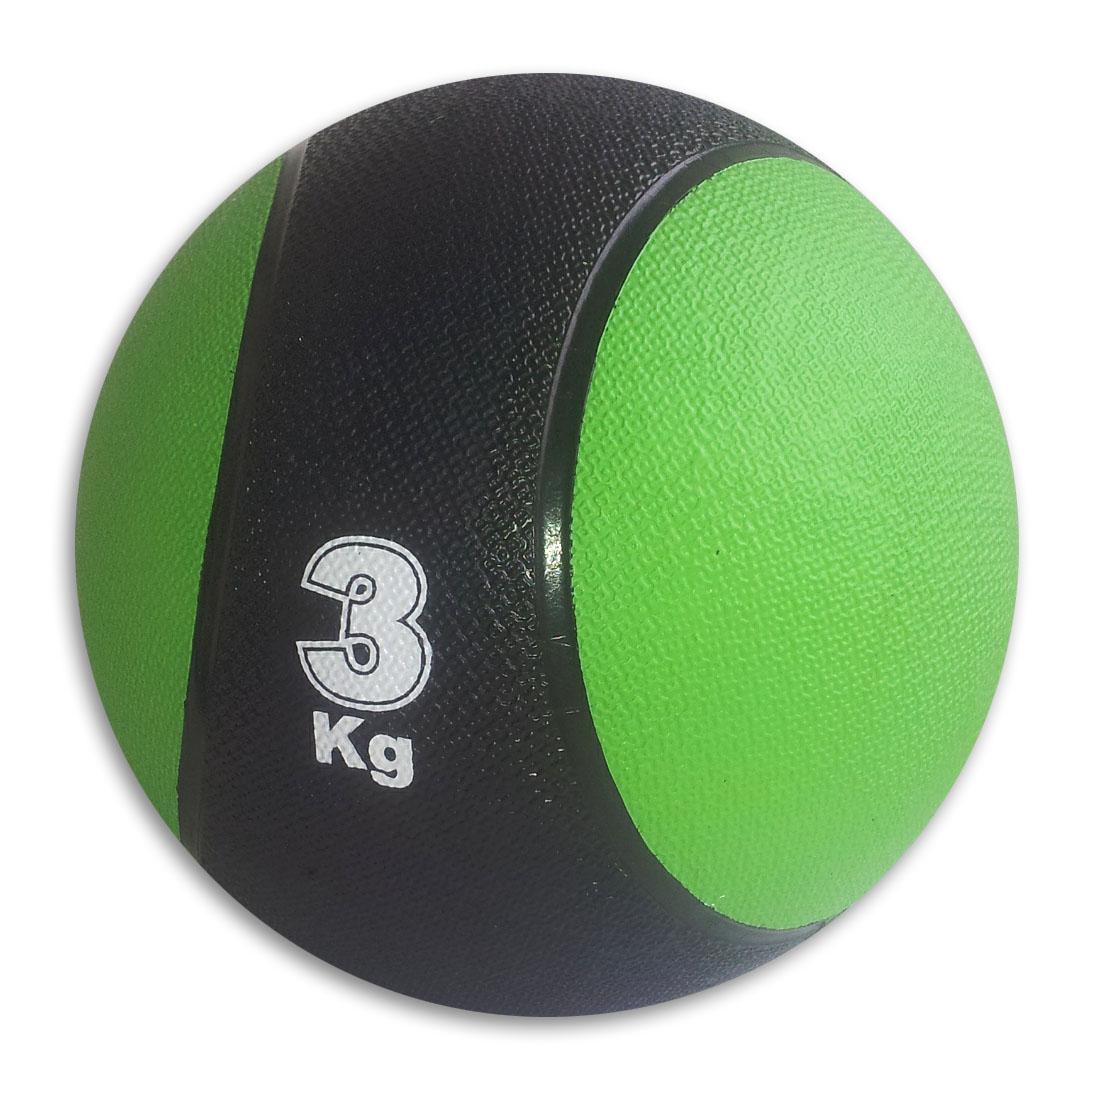 Медицинбол Start Up MBR3, цвет: черный, зеленый, 3 кг, 22 смSF 0085Медицинбол Start Up MBR3 - тренировочный мяч, который прекрасно подходит для занятий фитнесом, аэробикой или ЛФК (лечебной физкультурой). Шероховатая поверхность не дает ему выскользнуть из рук. Предназначен для укрепления мышц плечевого пояса, спины, рук и ног. Мяч выполнен из резины, наполнен также резиной.